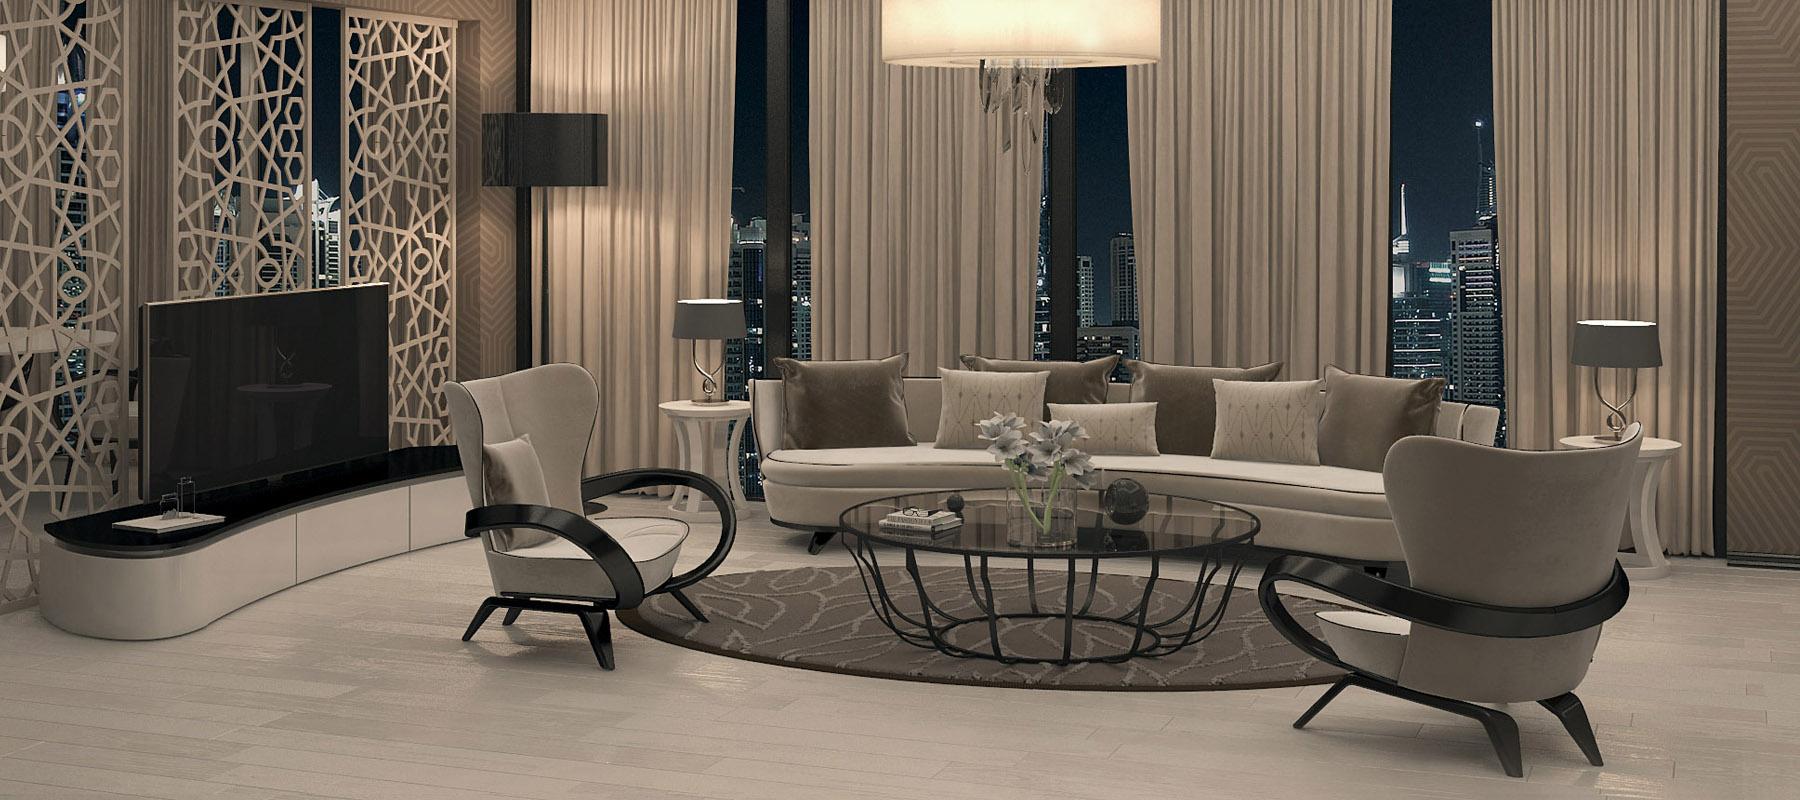 Мебель для гостинницы